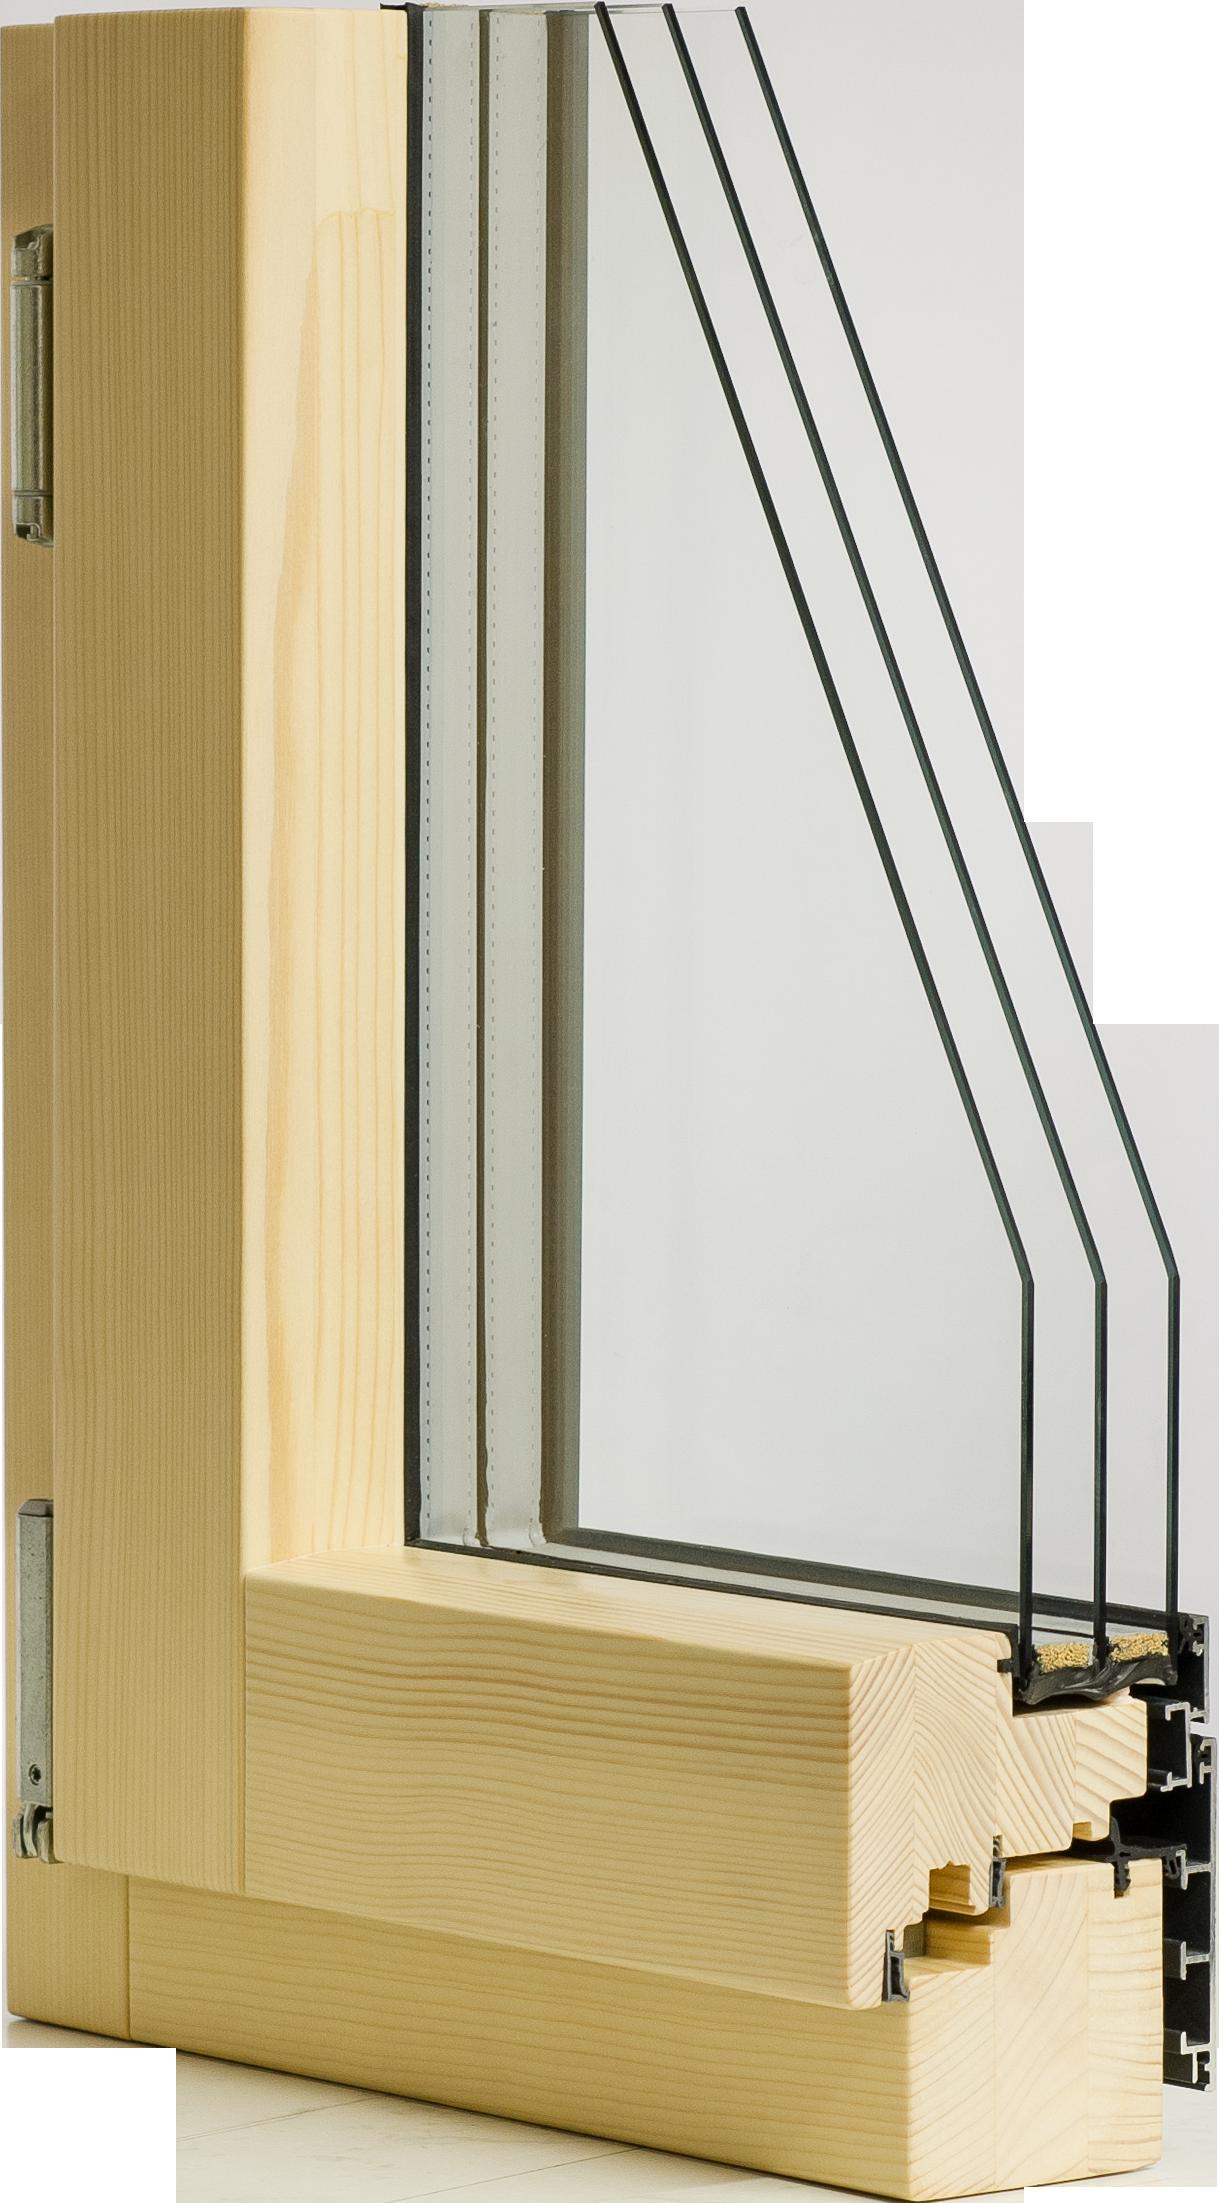 Full Size of Alu Fenster Holz Mit 3 Fach Verglasung Auen Flchenbndig Weru Insektenschutz Trocal Für Sichtschutz 120x120 Online Konfigurator Pvc Sicherheitsfolie Fenster Alu Fenster